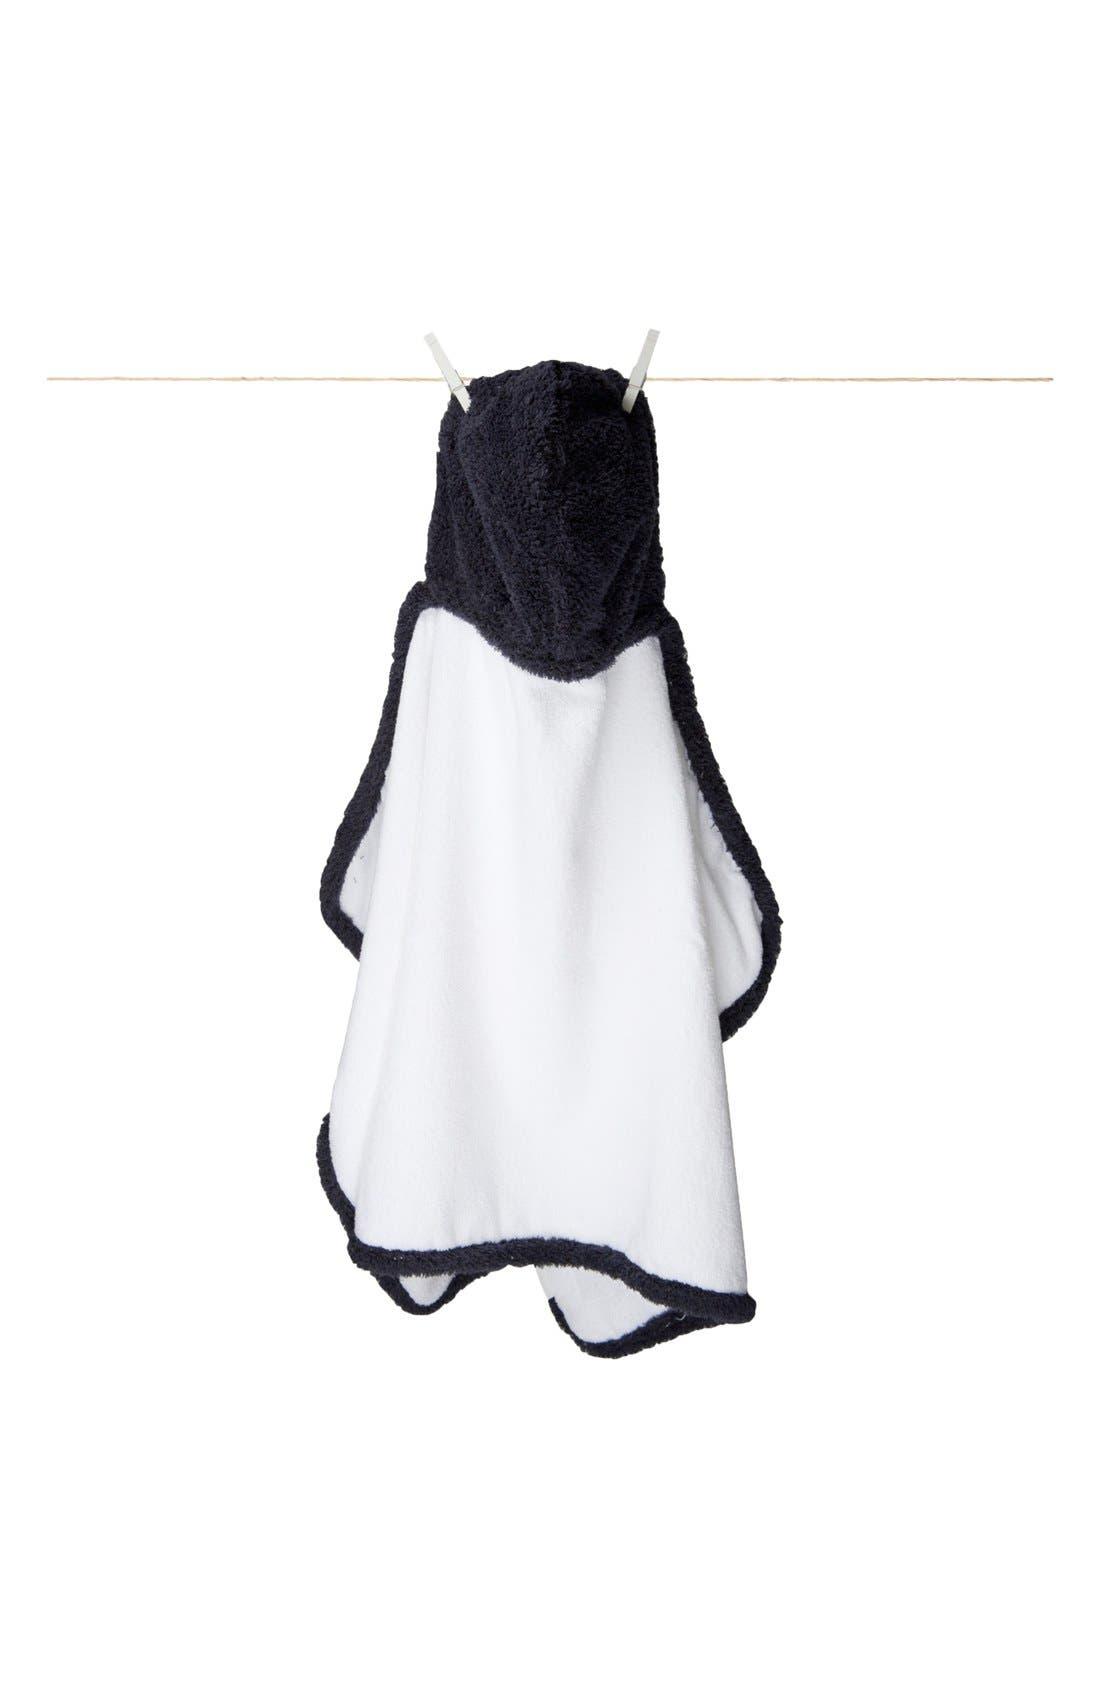 Alternate Image 1 Selected - Little Giraffe Hooded Towel (Baby Boys)